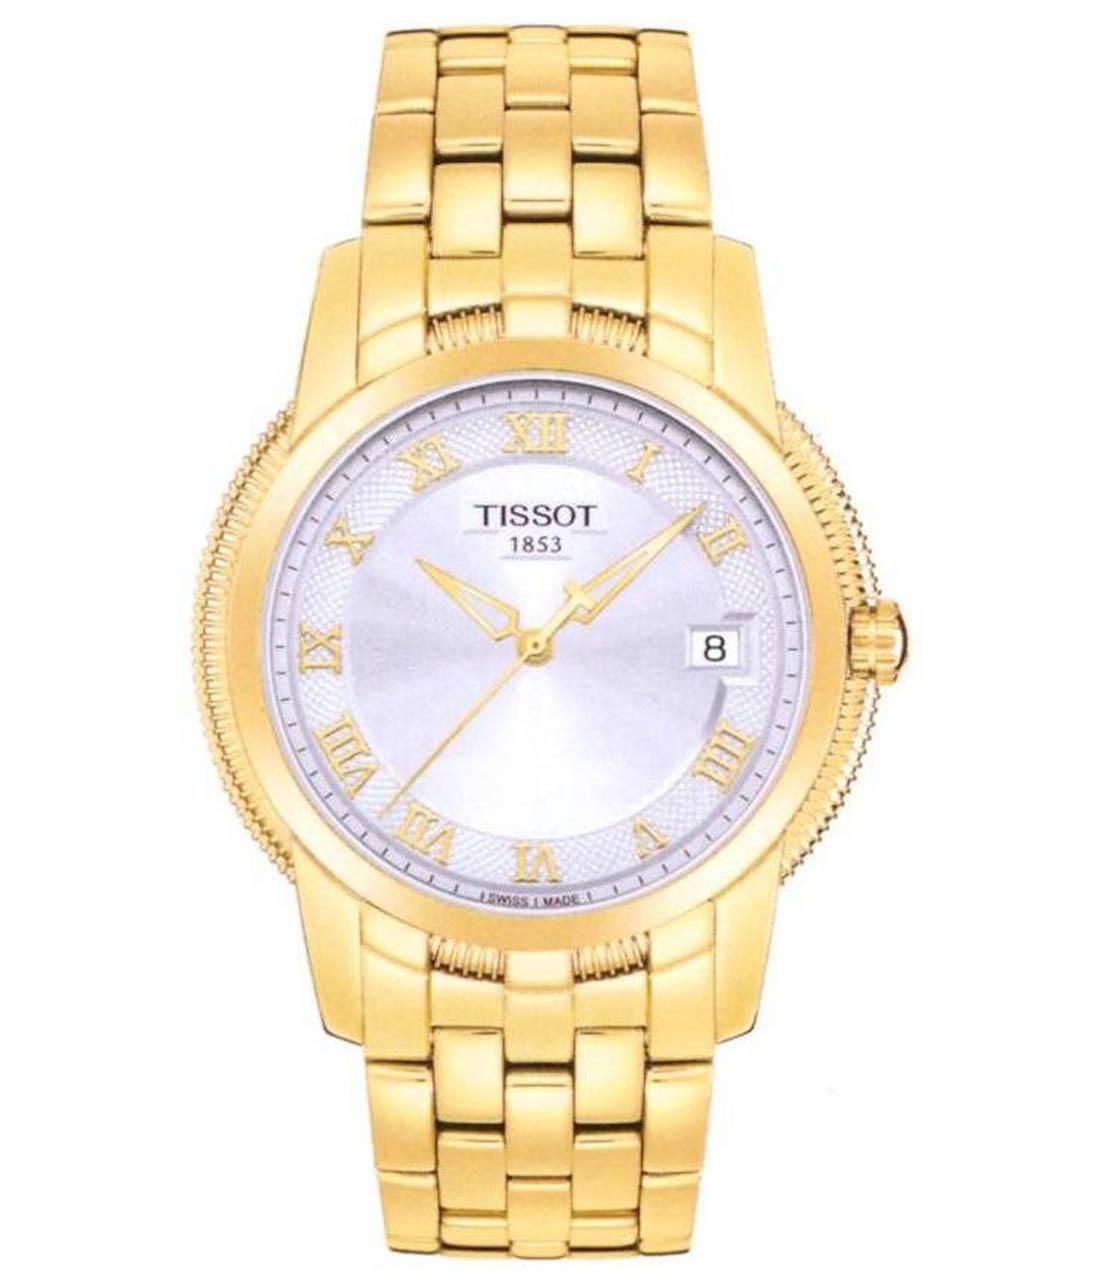 Đồng hồ nam Tissot Automatic 1853 T031.410.33.033.00 mạ vàng bề mặt.